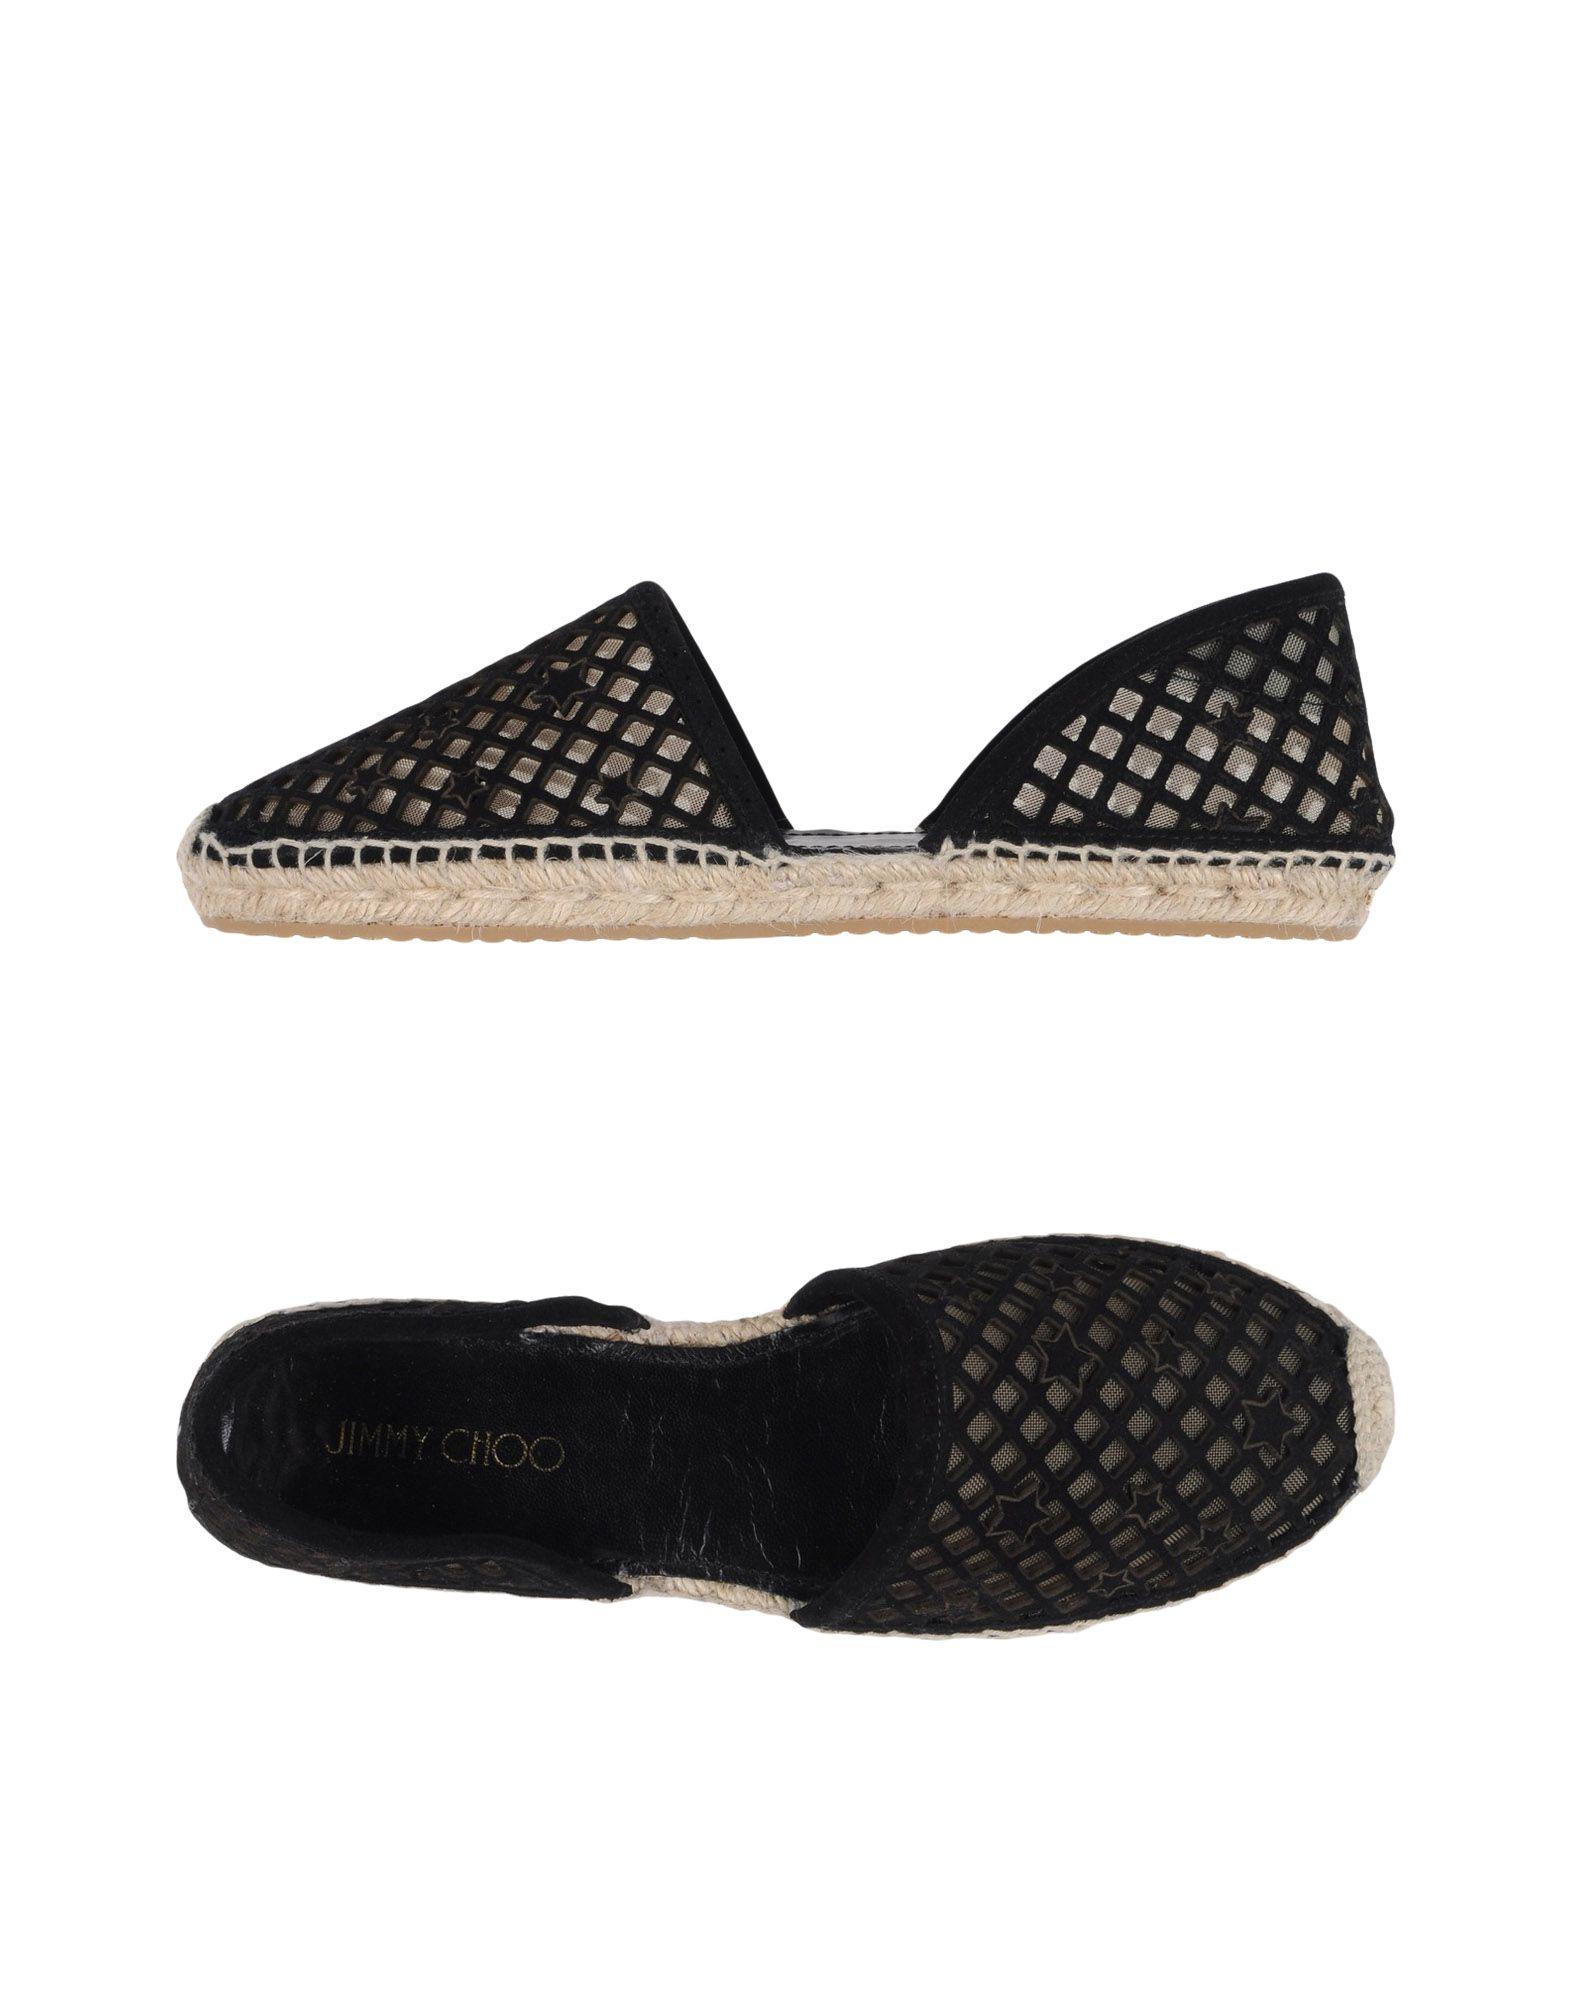 Jimmy Jimmy Jimmy Choo Espadrilles Damen  11291414HX Beliebte Schuhe 47e0d1